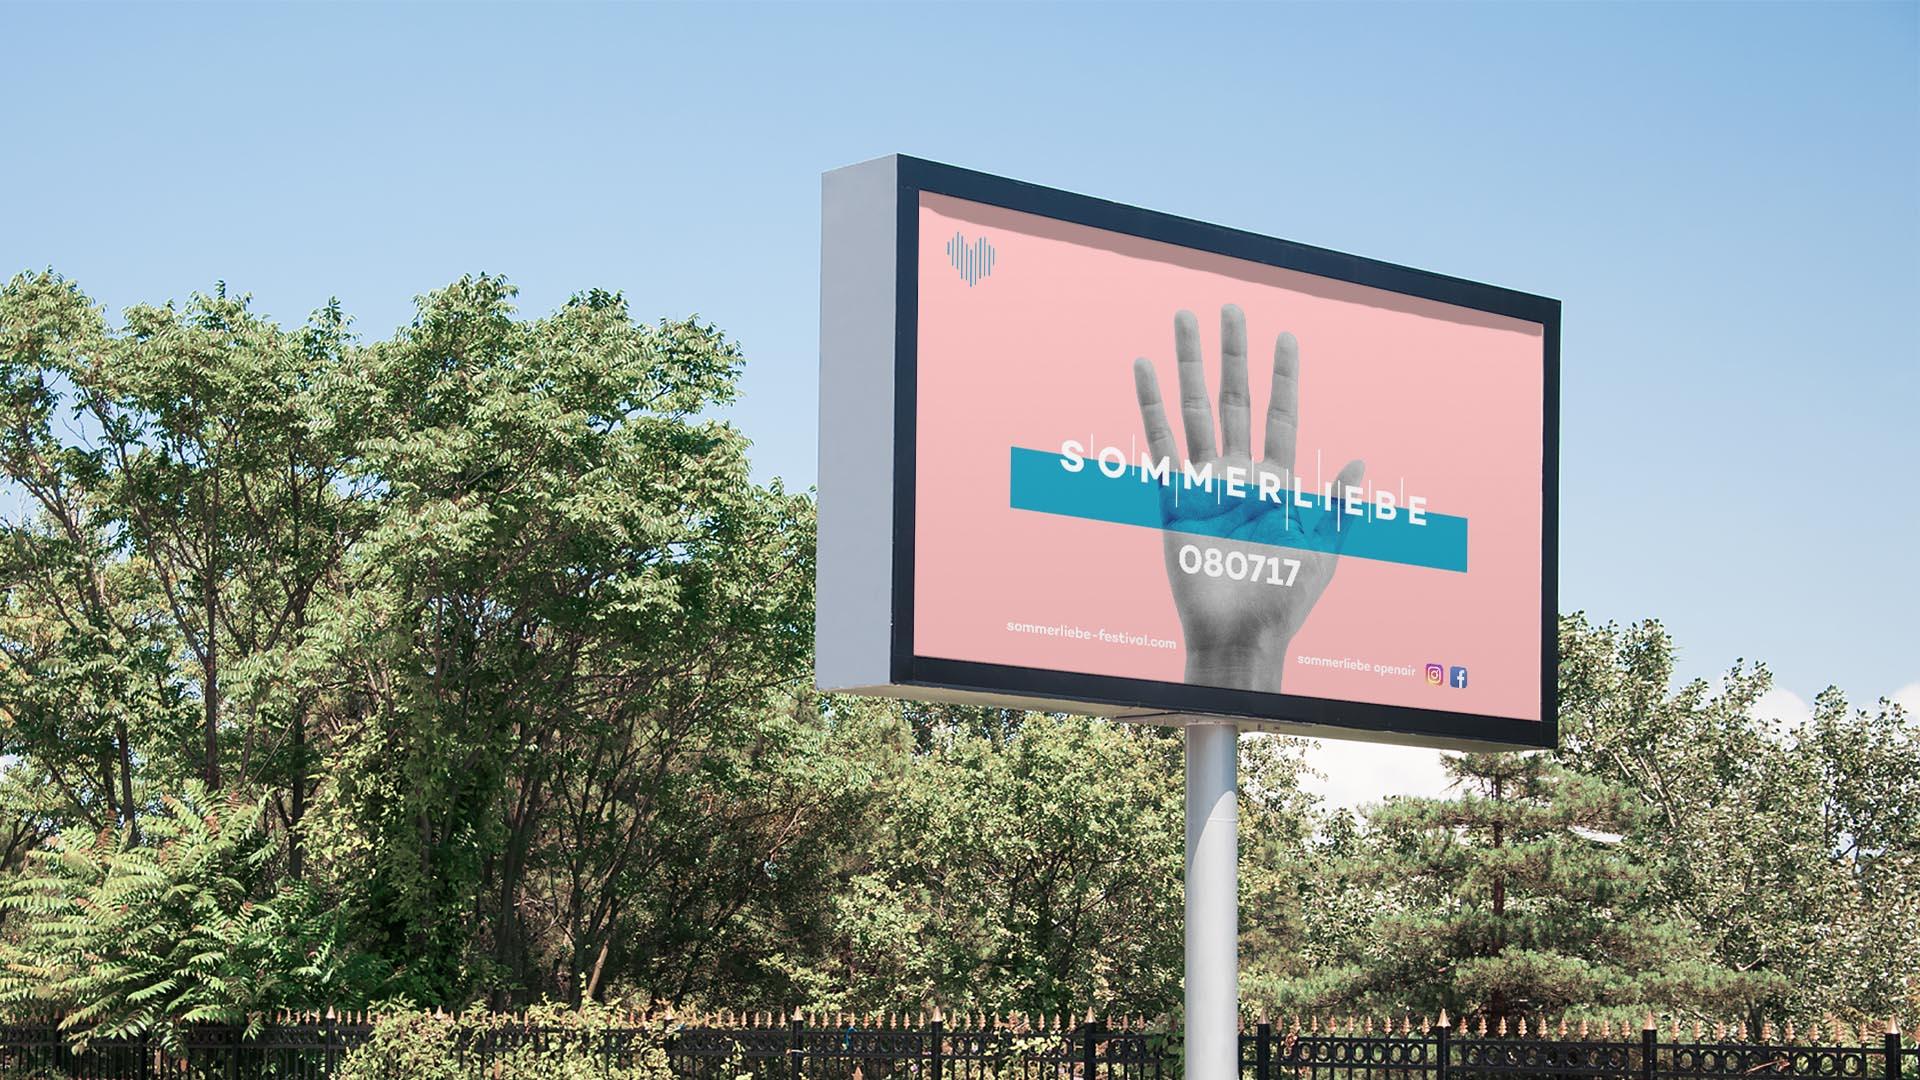 Mockup eines digitalen Werbebanners mit dem Logo von dem Festival Sommerliebe.